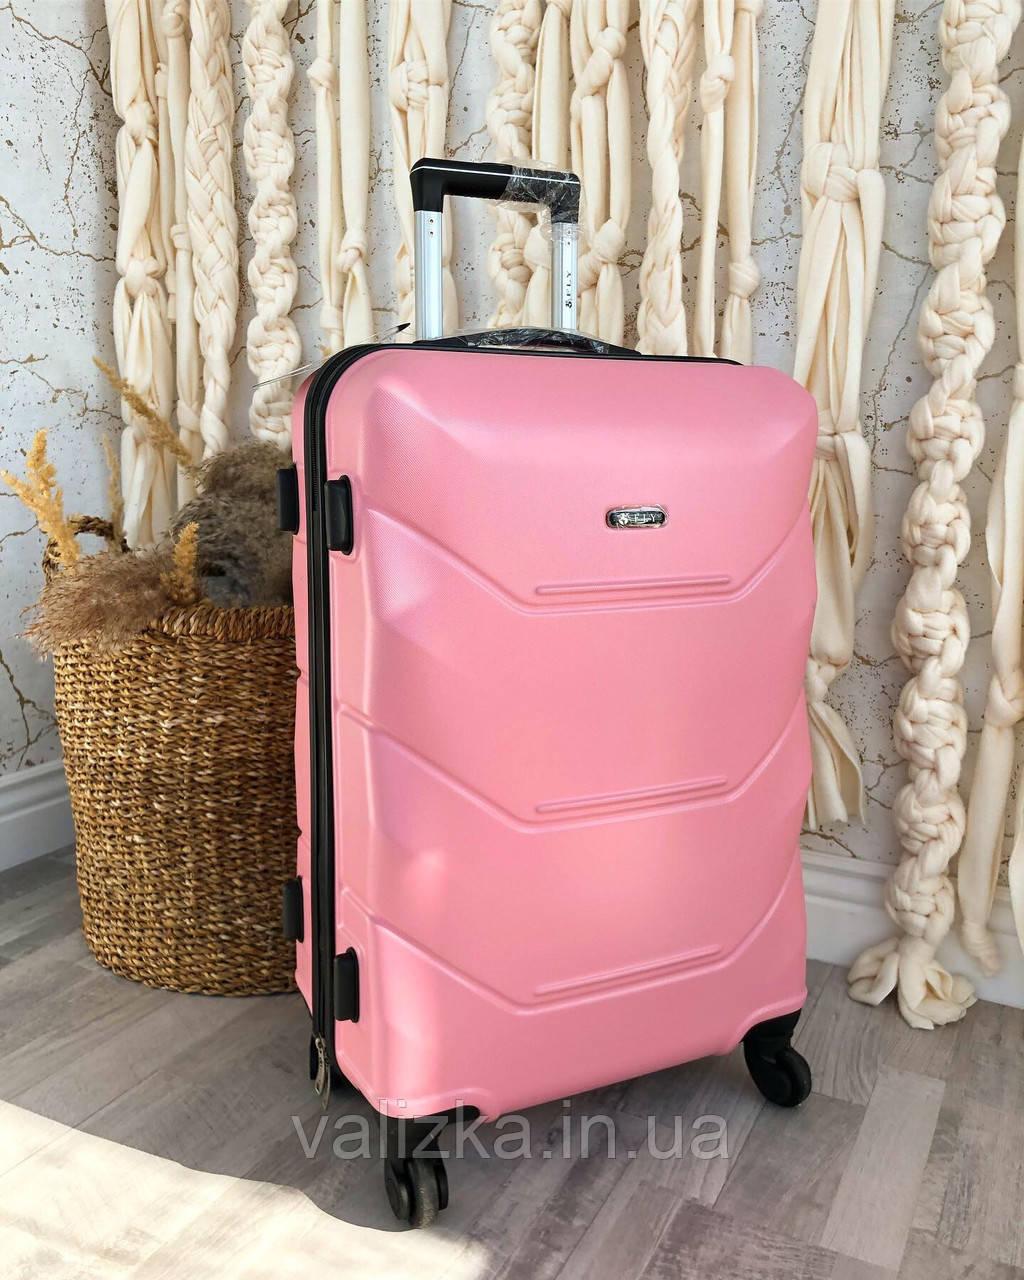 Средний пластиковый чемодан розовый